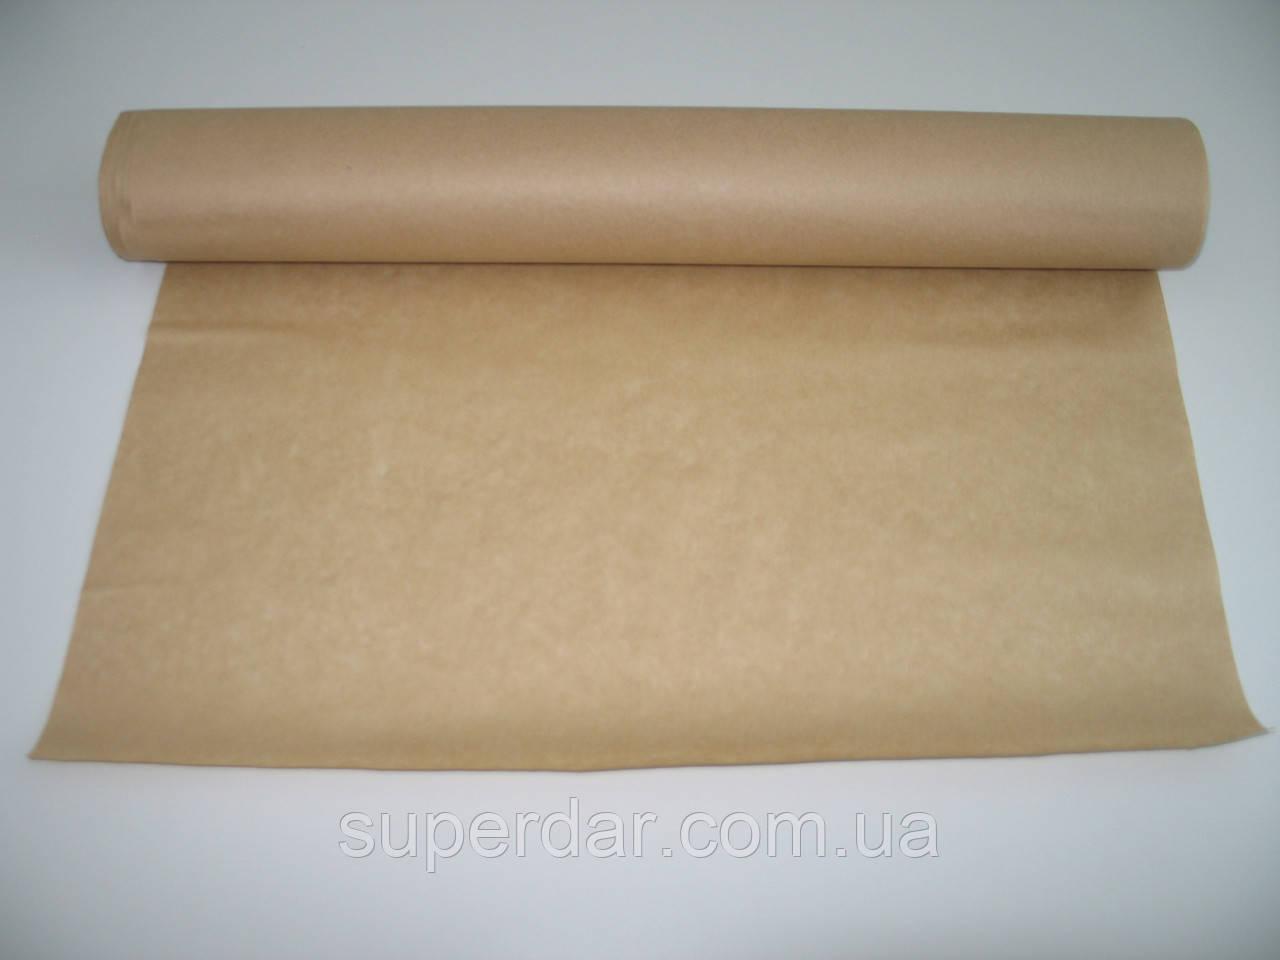 Крафт коричневый, 35 г/м, некаландрированный с добавлением макулатуры